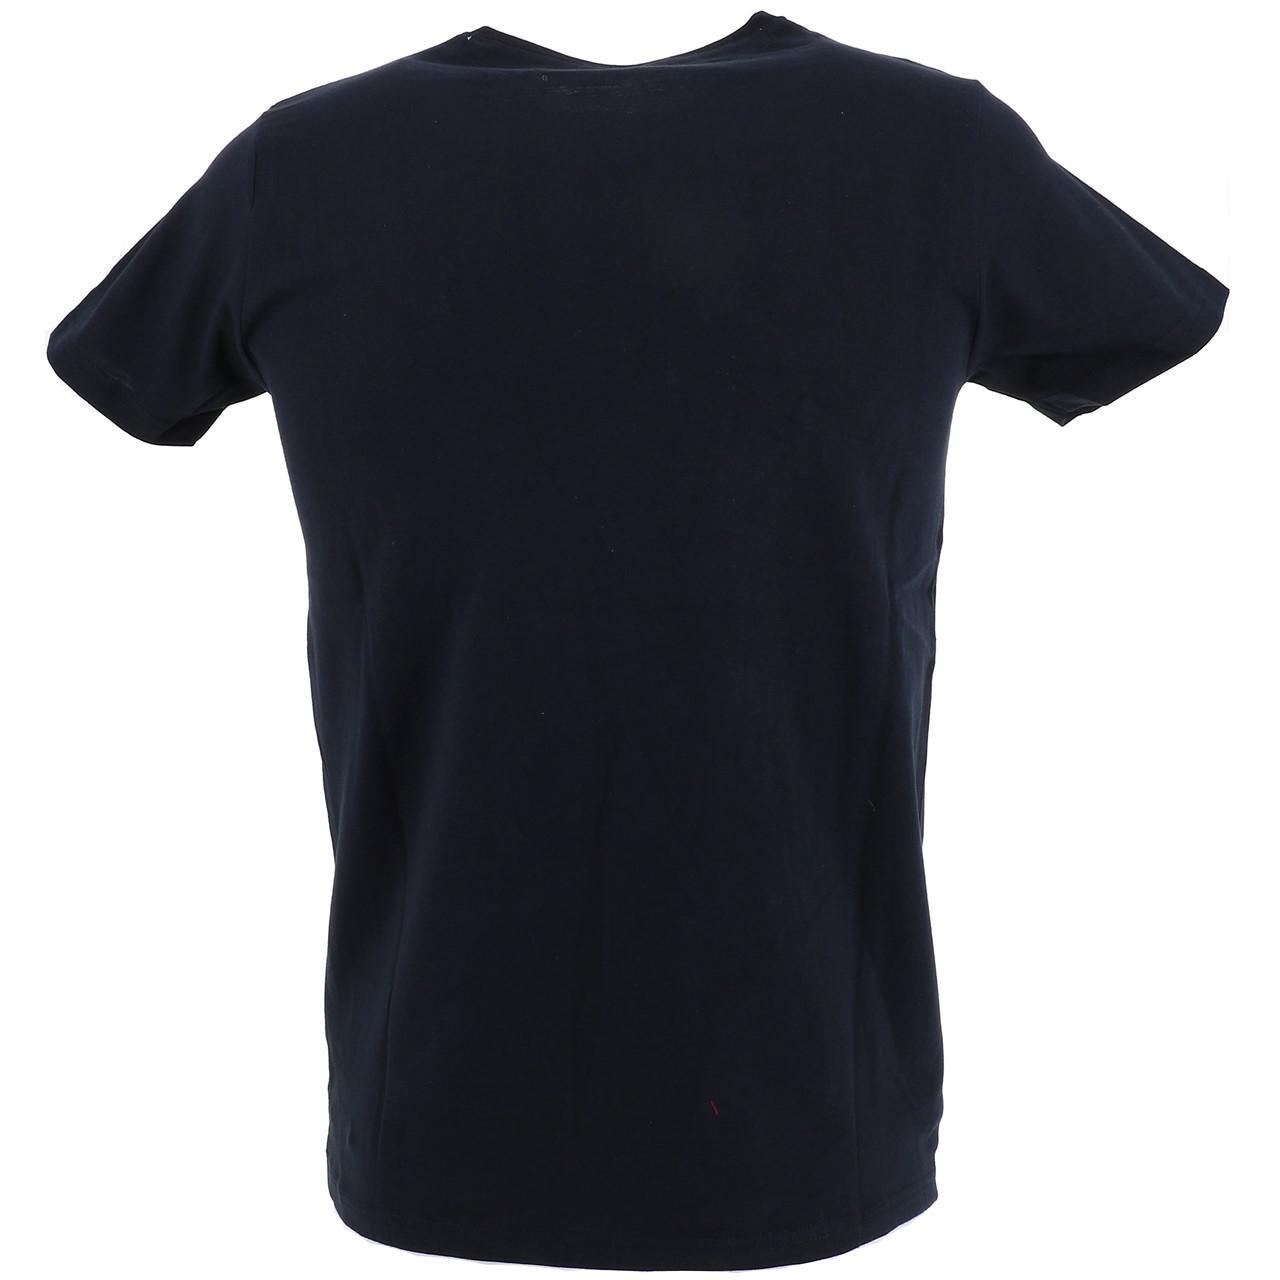 Short-Sleeve-T-Shirt-La-Maison-Blaggio-Marteli-Navy-Mc-Tee-Blue-27339-New thumbnail 5